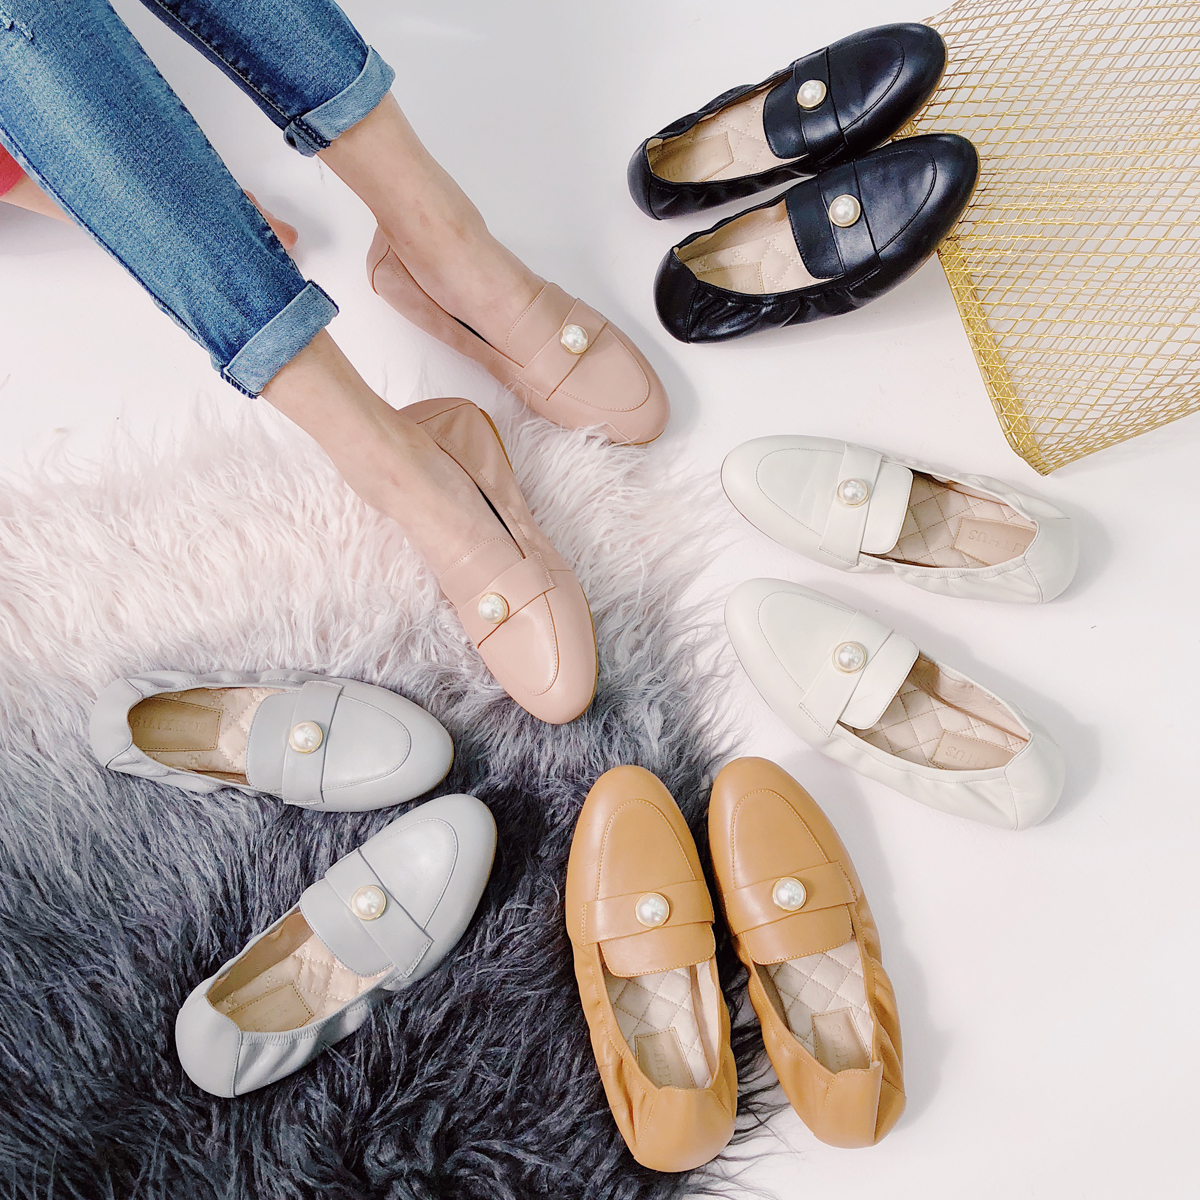 【 король небольшой яд 】 время идти медленно точка сильный идти беременная женщина обувной медсестра обувной яйцо объем обувной кожа одноместный обувной обувь женская 3.8